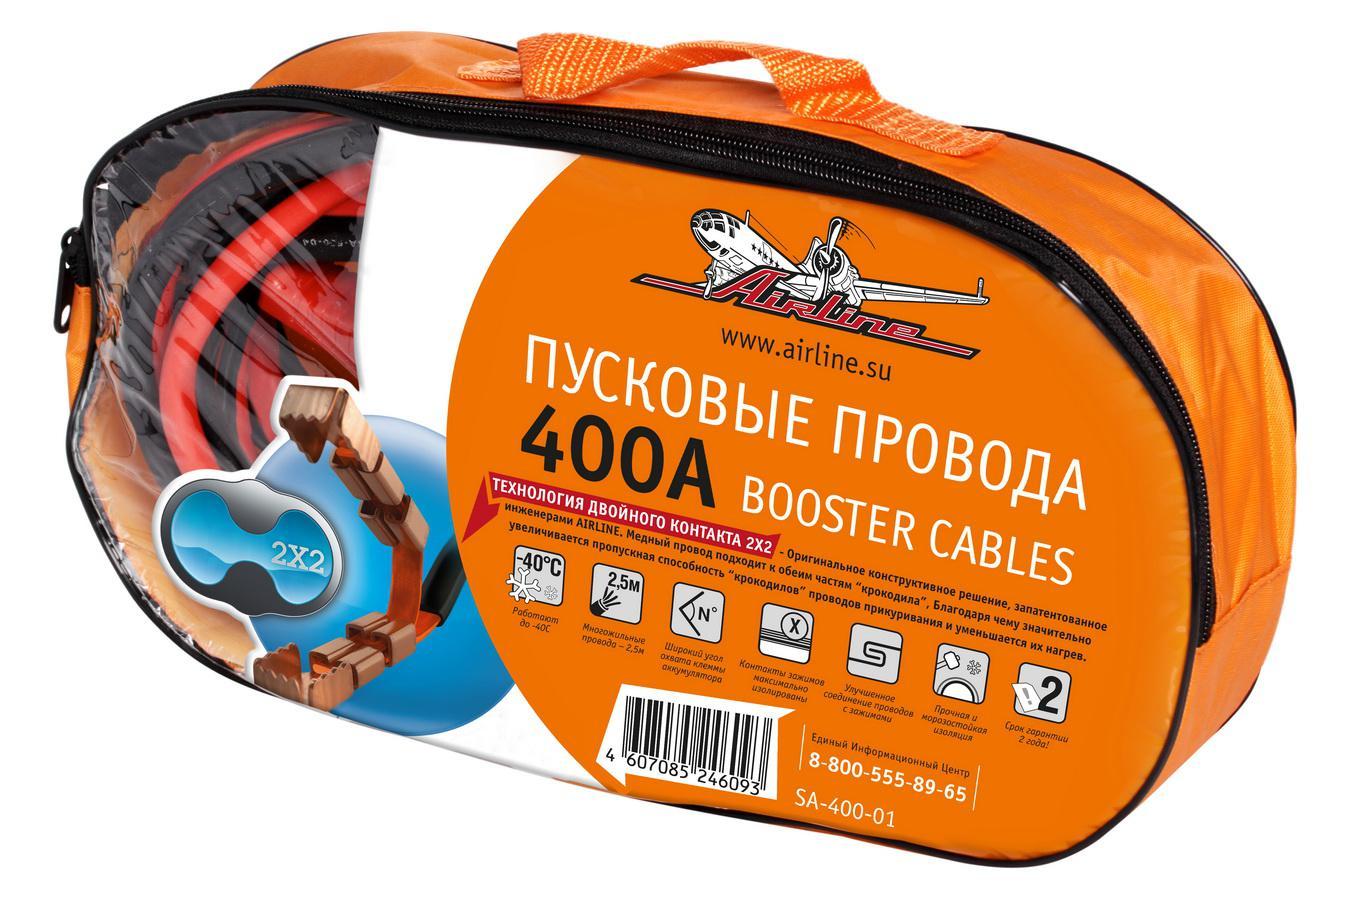 Sa-400-01  провода вспомогательного запуска 220 Вольт 608.000